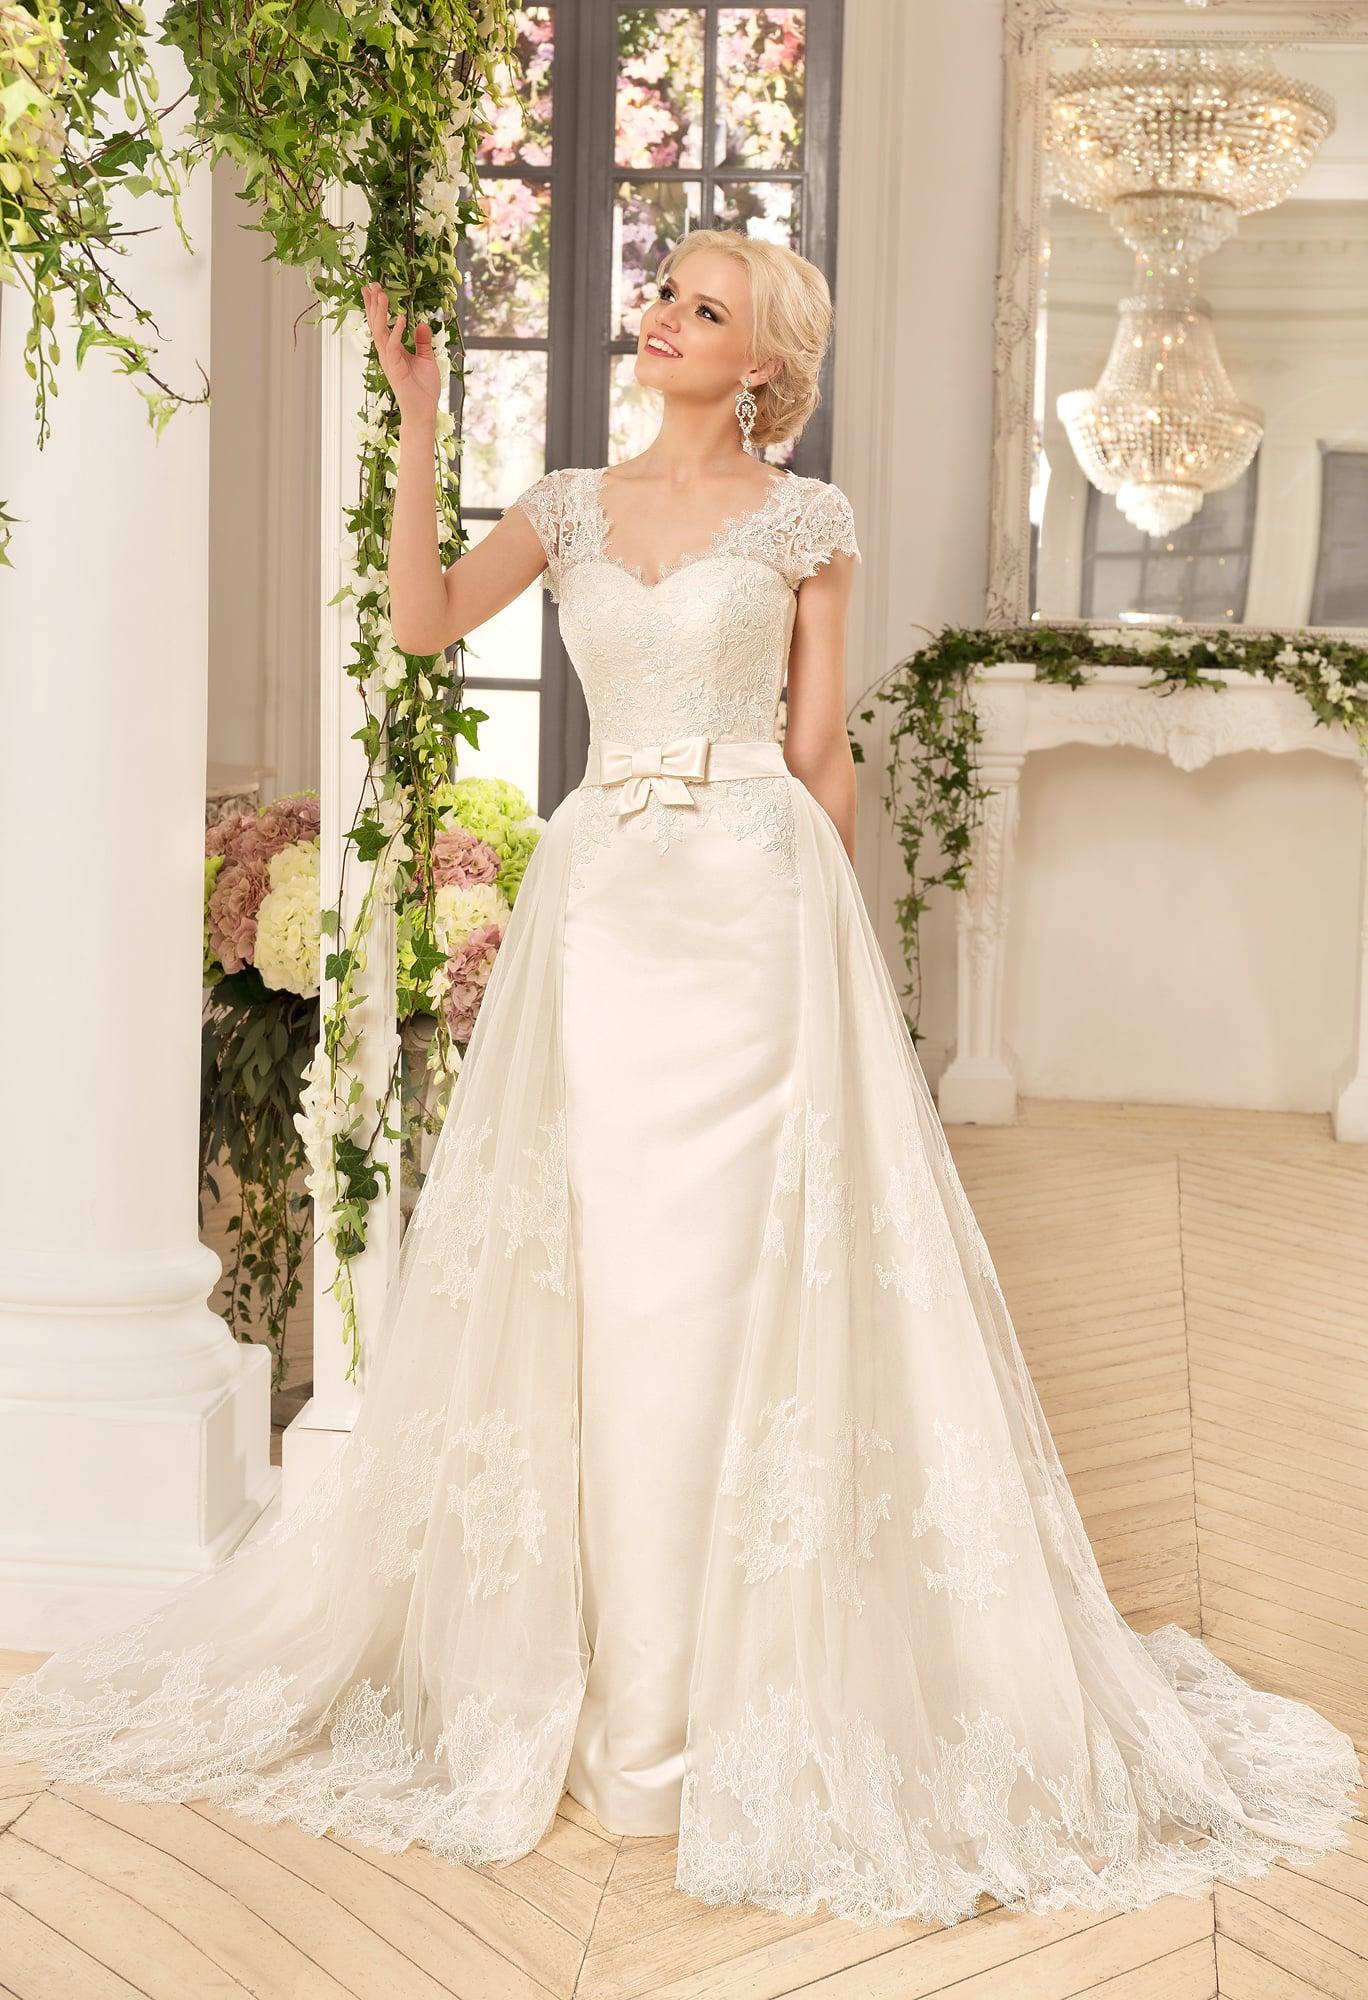 9e646c4ebd0cd2 Стильное свадебное платье с пышной верхней юбкой из кружевной ткани и  поясом на талии.